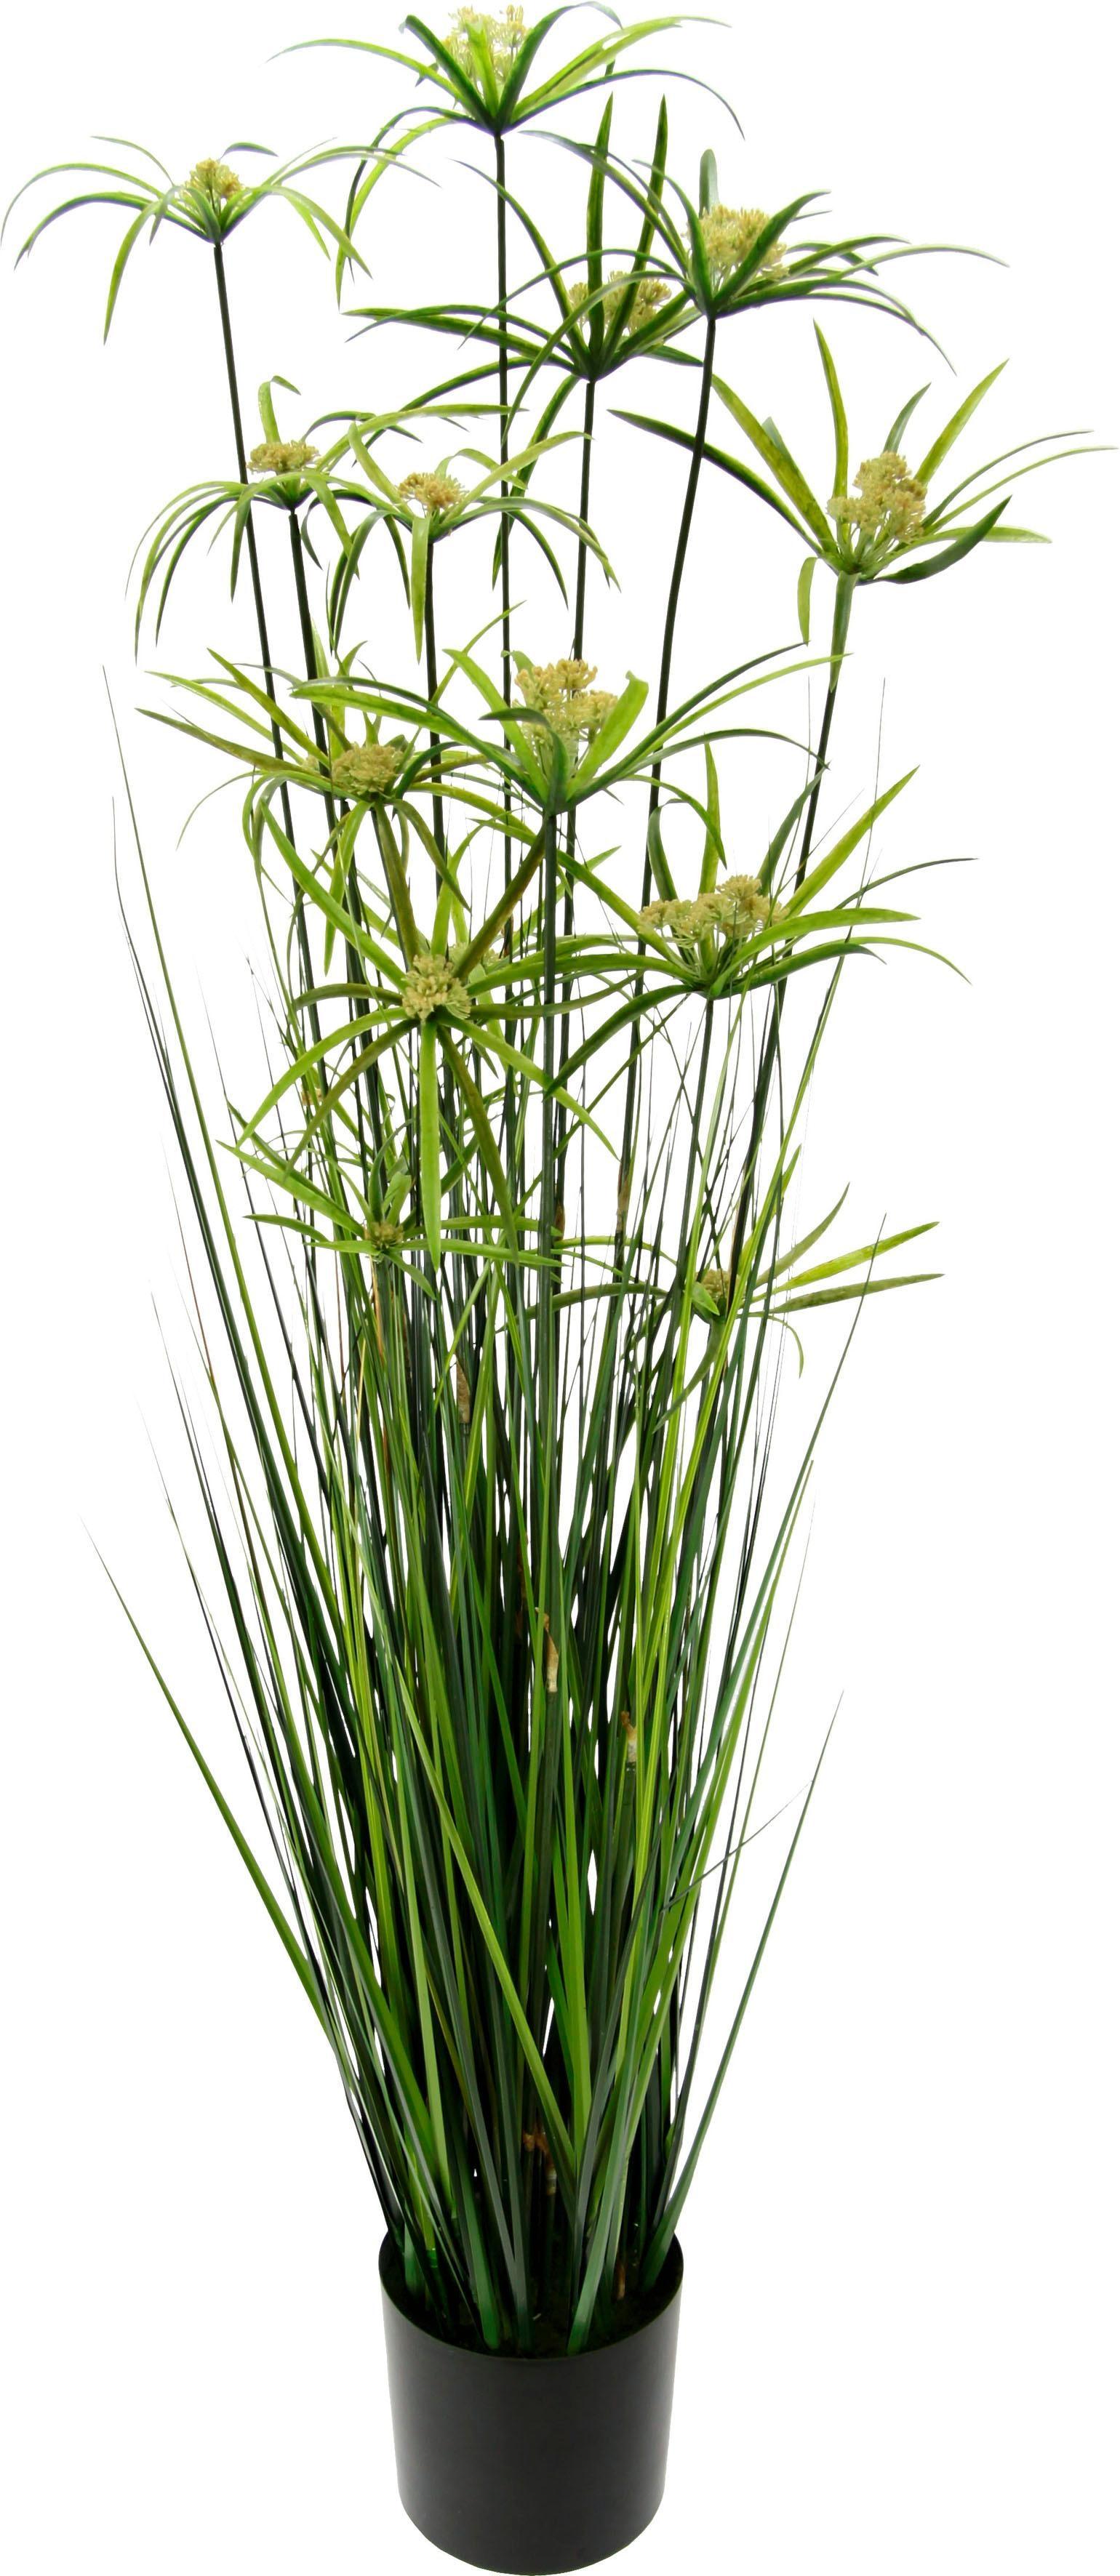 Kunstpflanze Zyperngras im Topf grün Kunstgräser Kunstpflanzen Wohnaccessoires